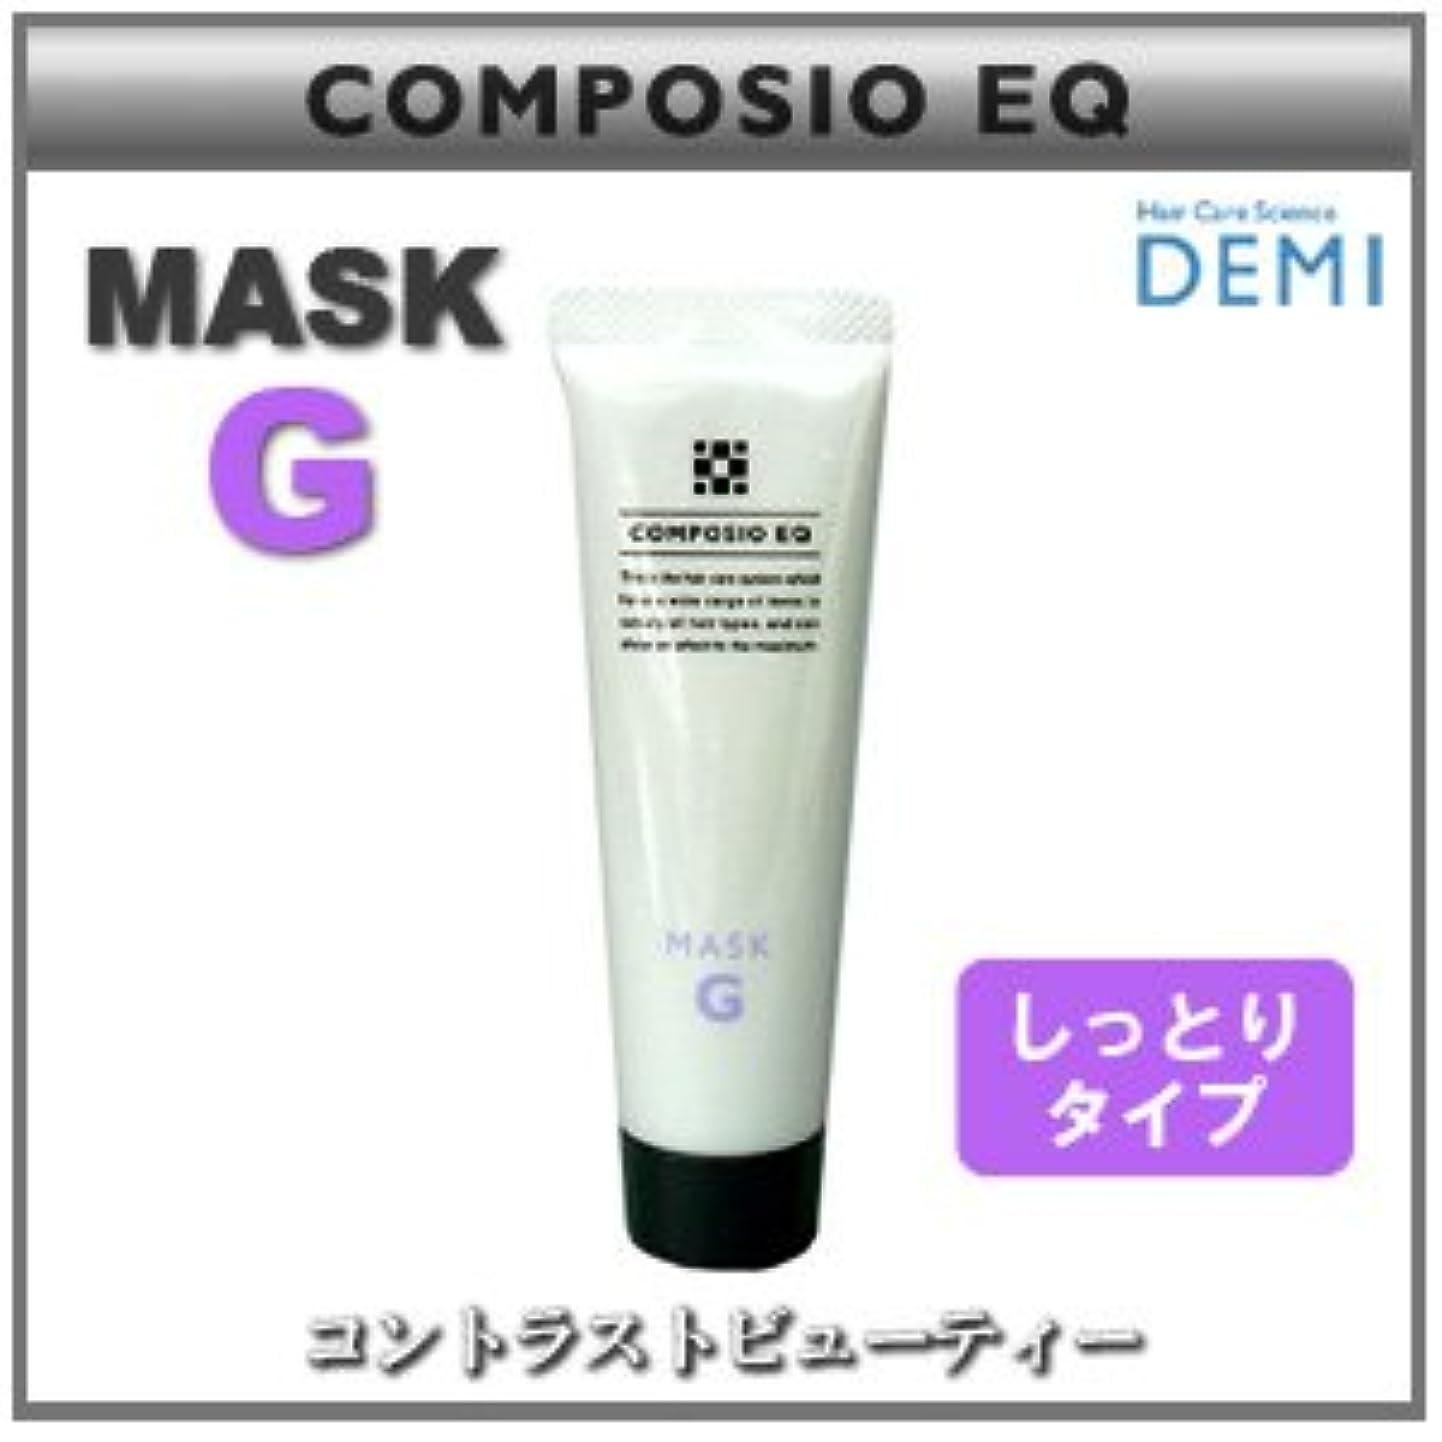 カテゴリーエーカーライフル【X2個セット】 デミ コンポジオ EQ マスク G 50g